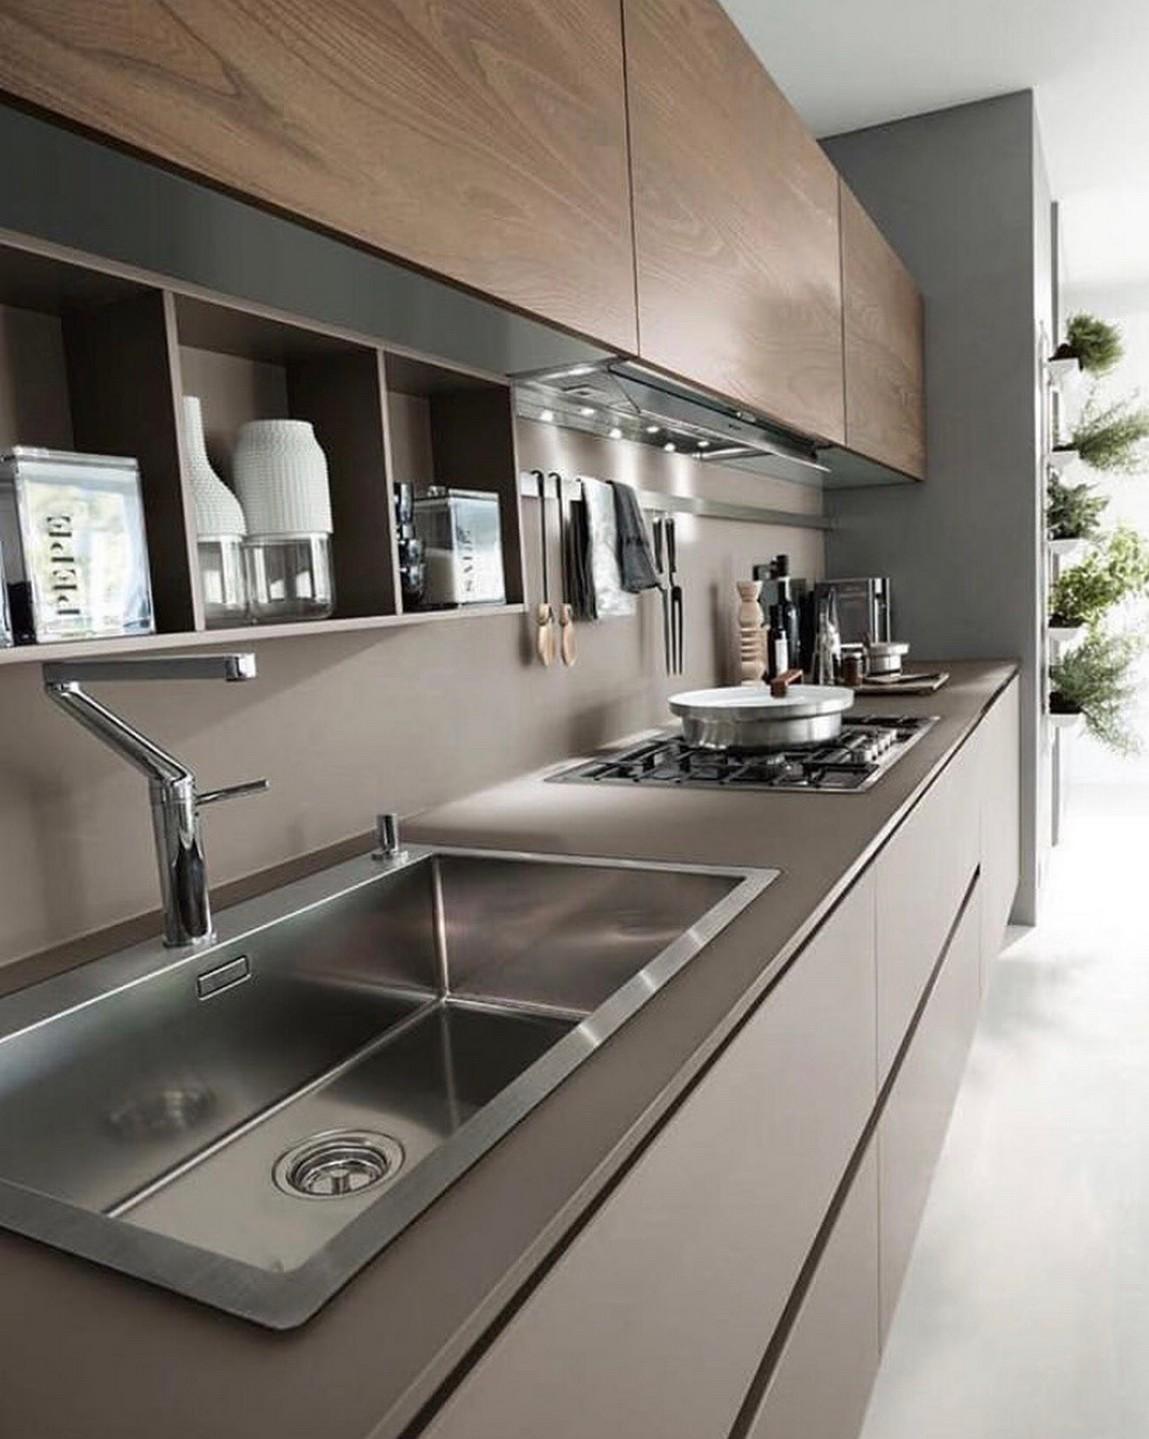 34+ Great Kitchen Idea